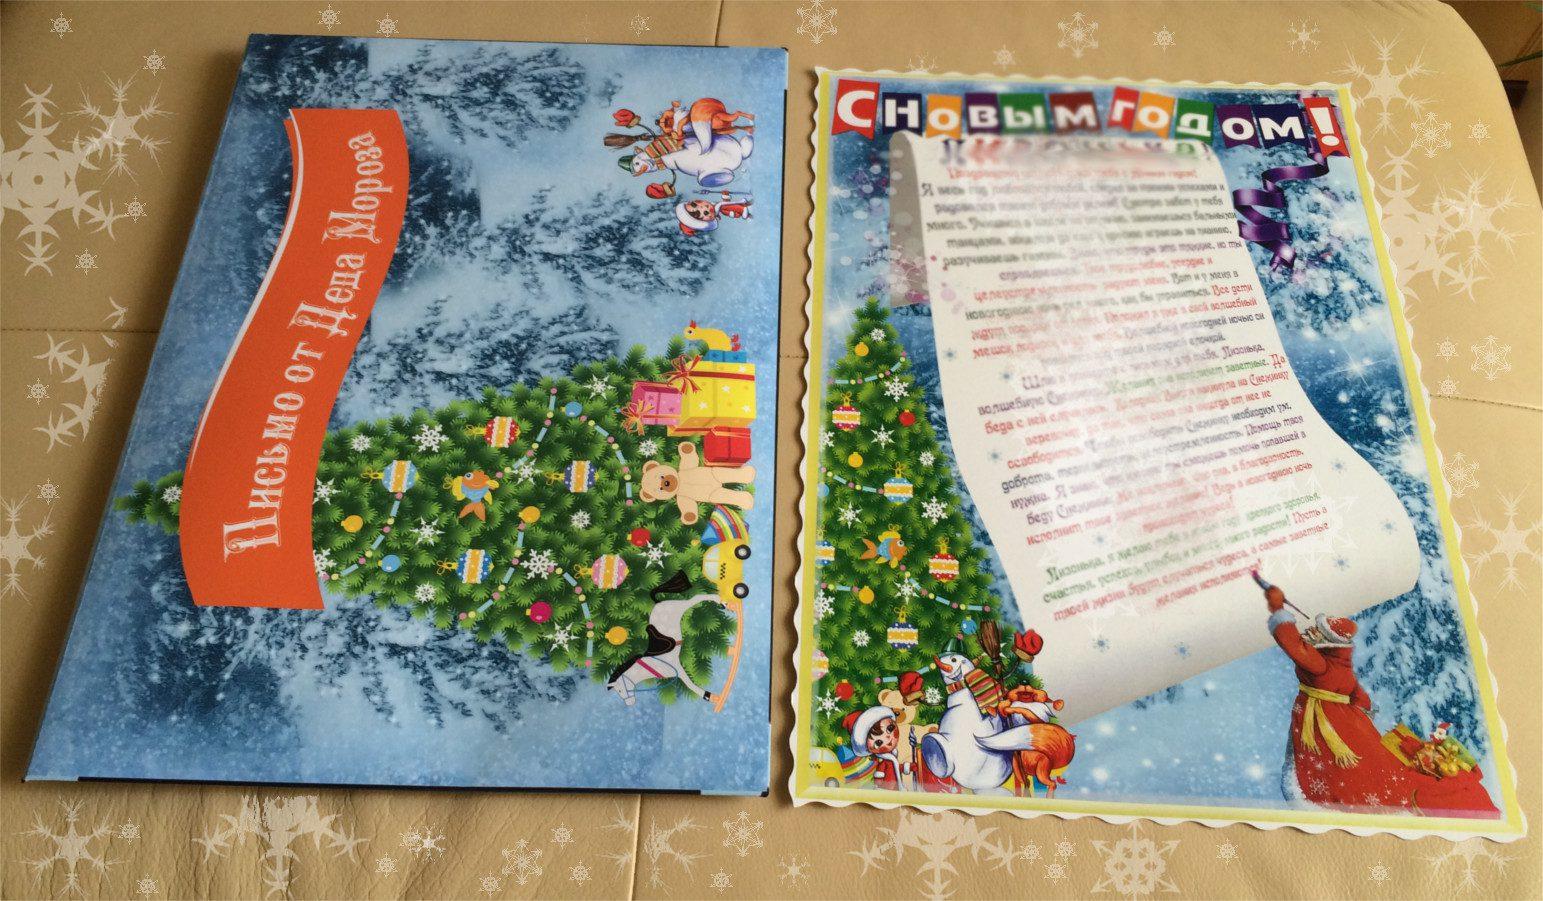 Подарок с письмом от деда мороза 24